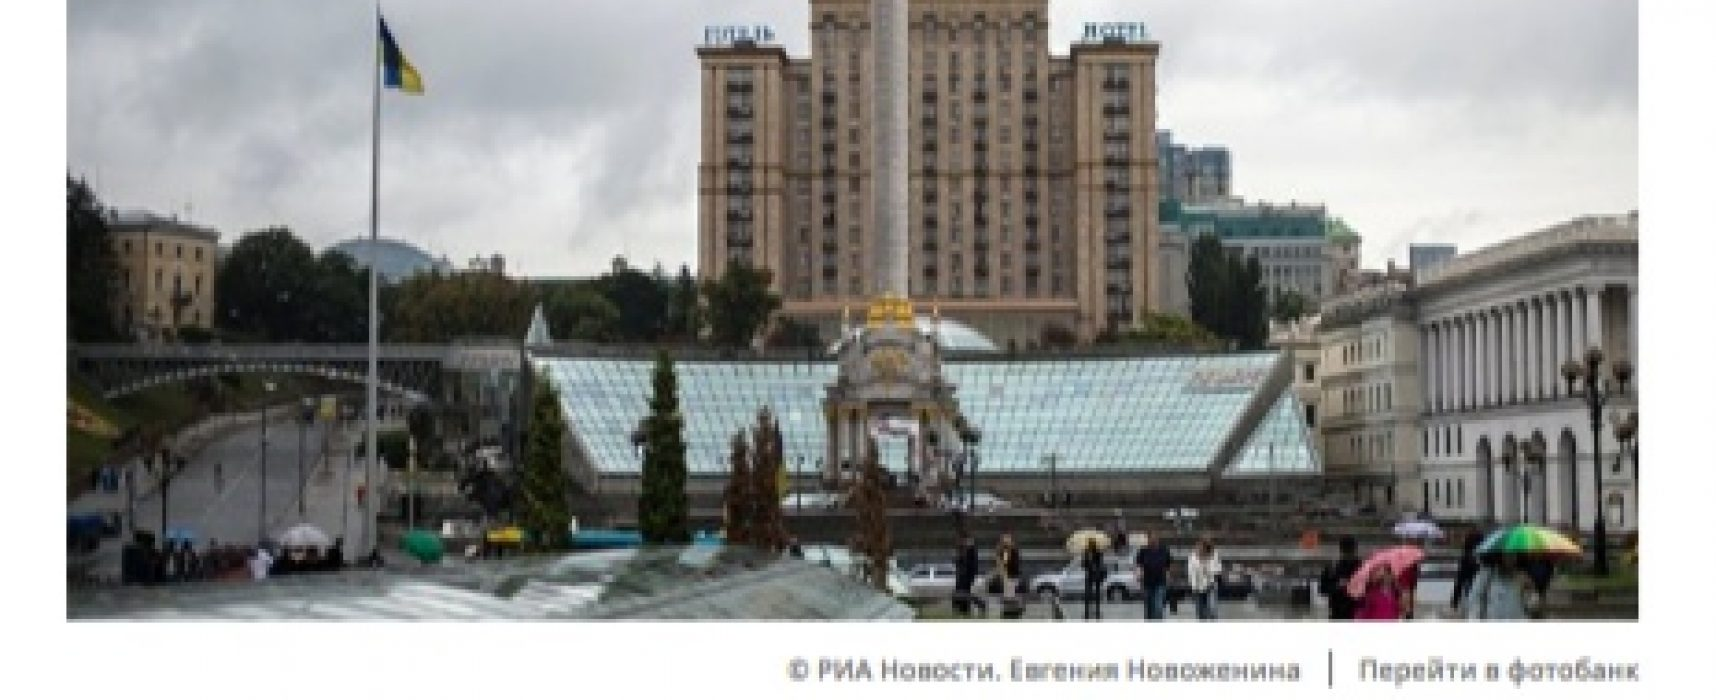 Fake: Sanktionen gegen Russland stürzen ukrainische Wirtschaft ins Bodenlose